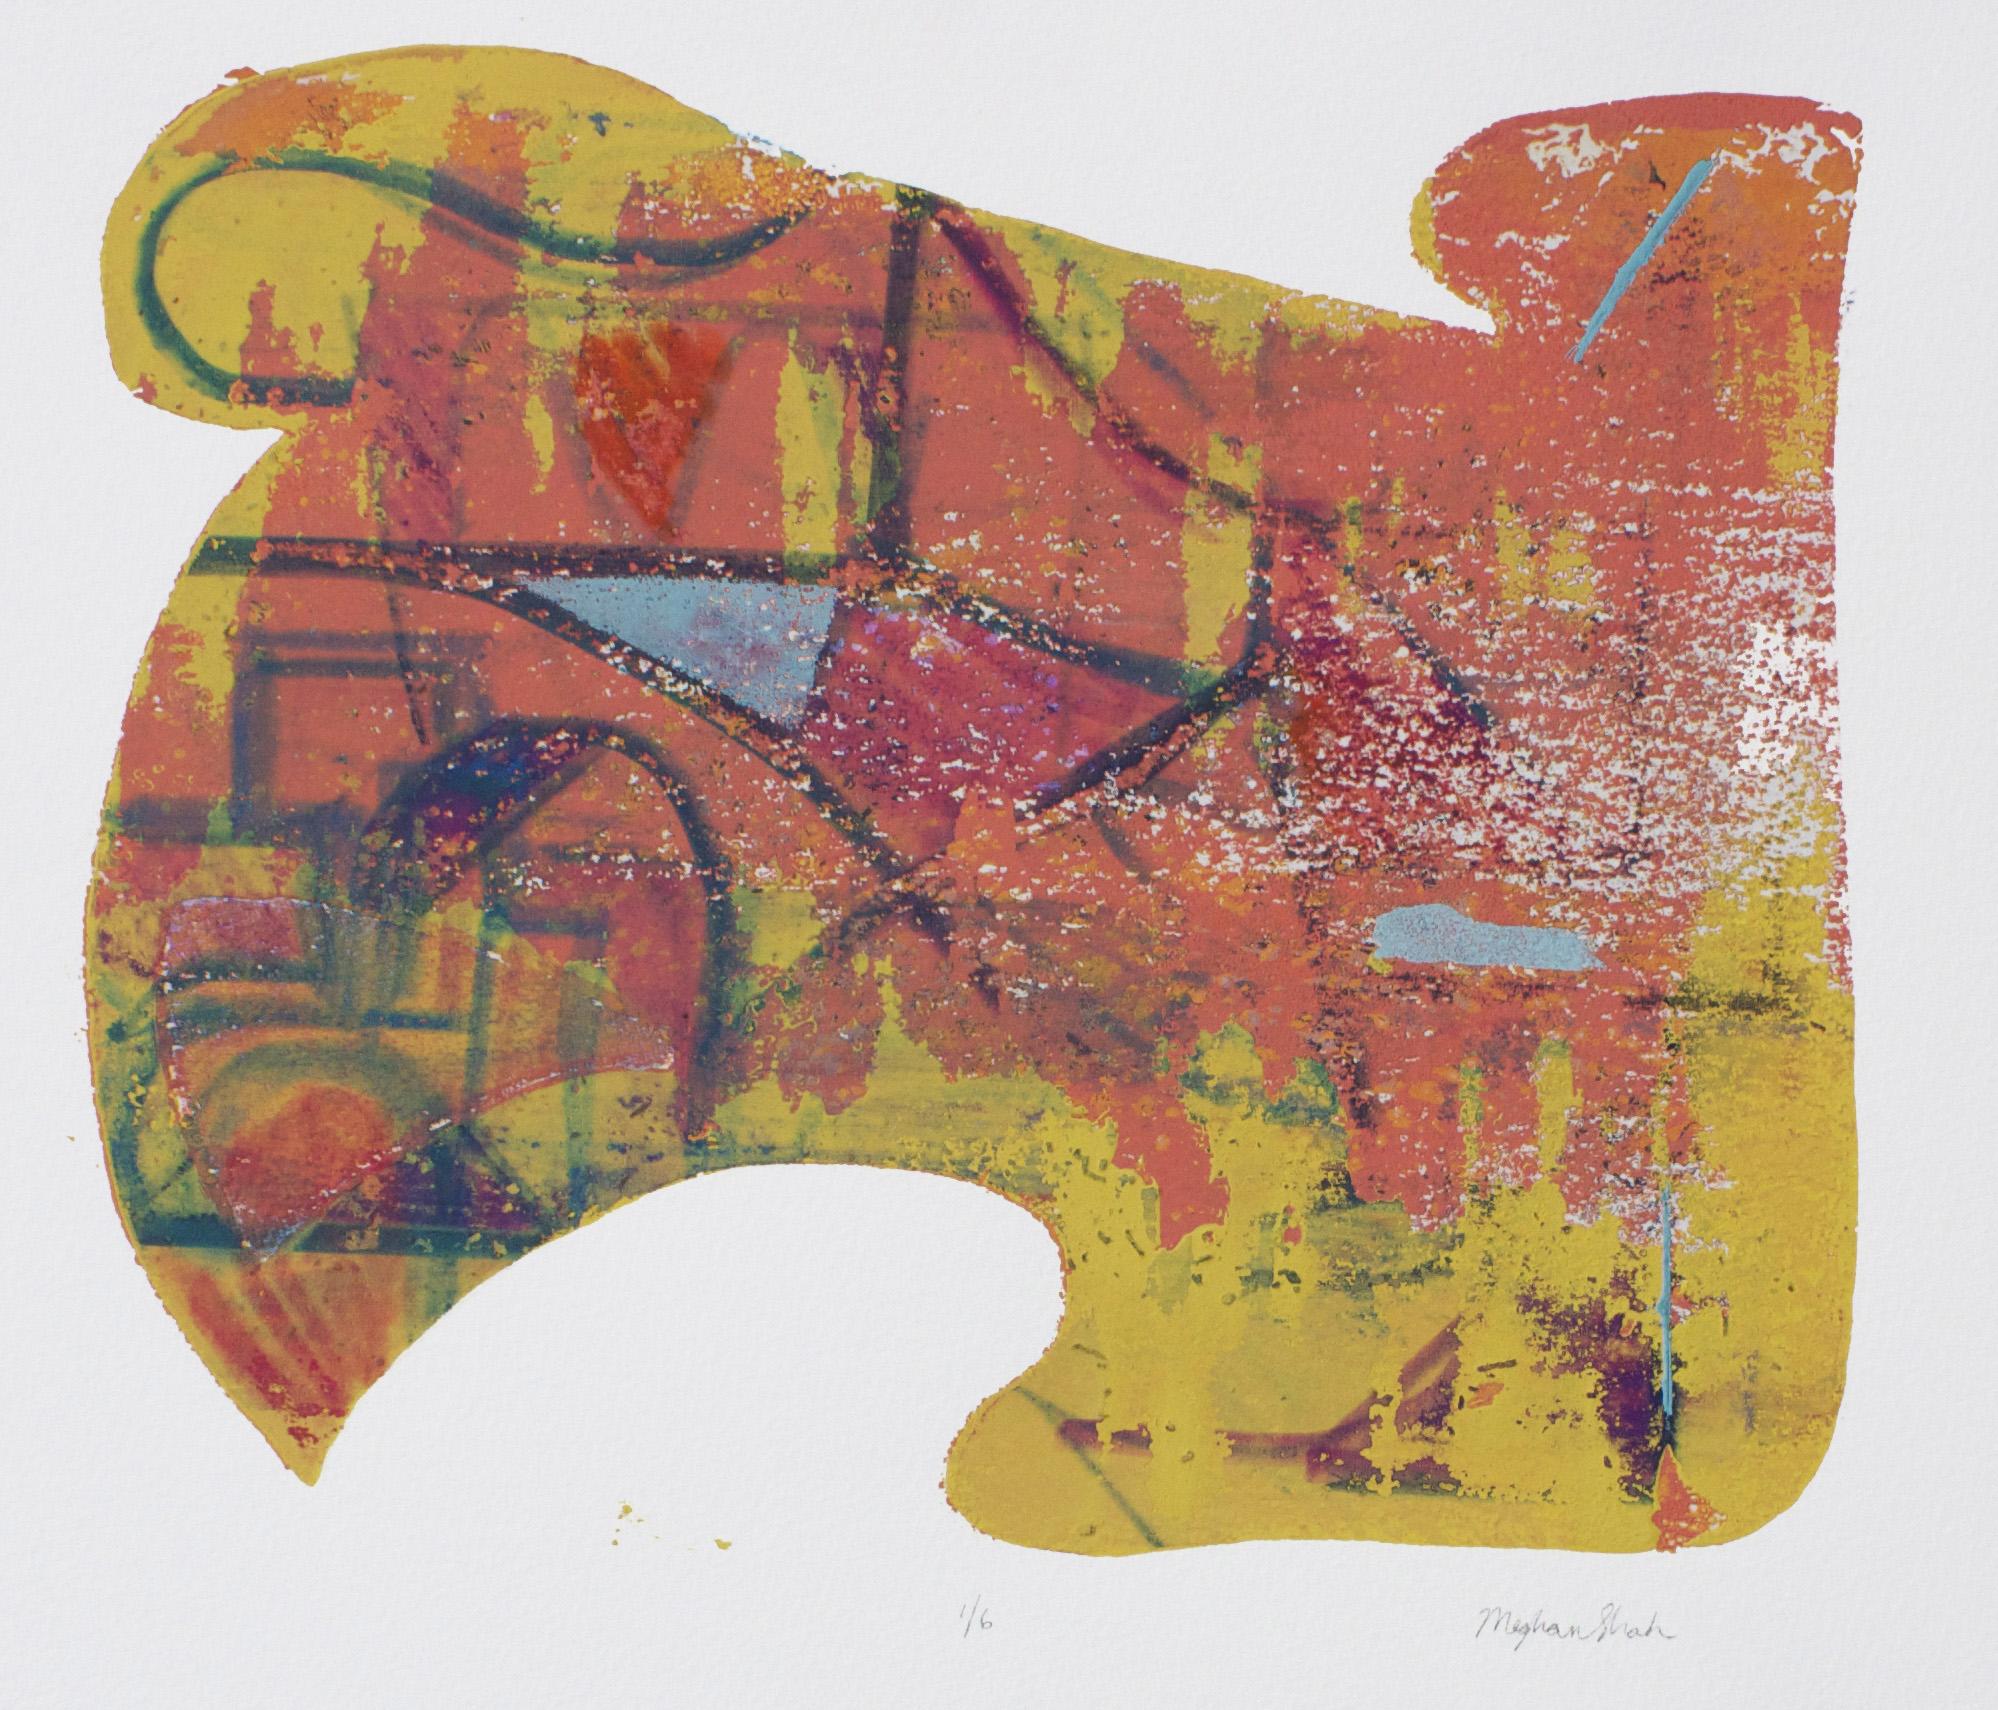 Silkscreen, 15x18